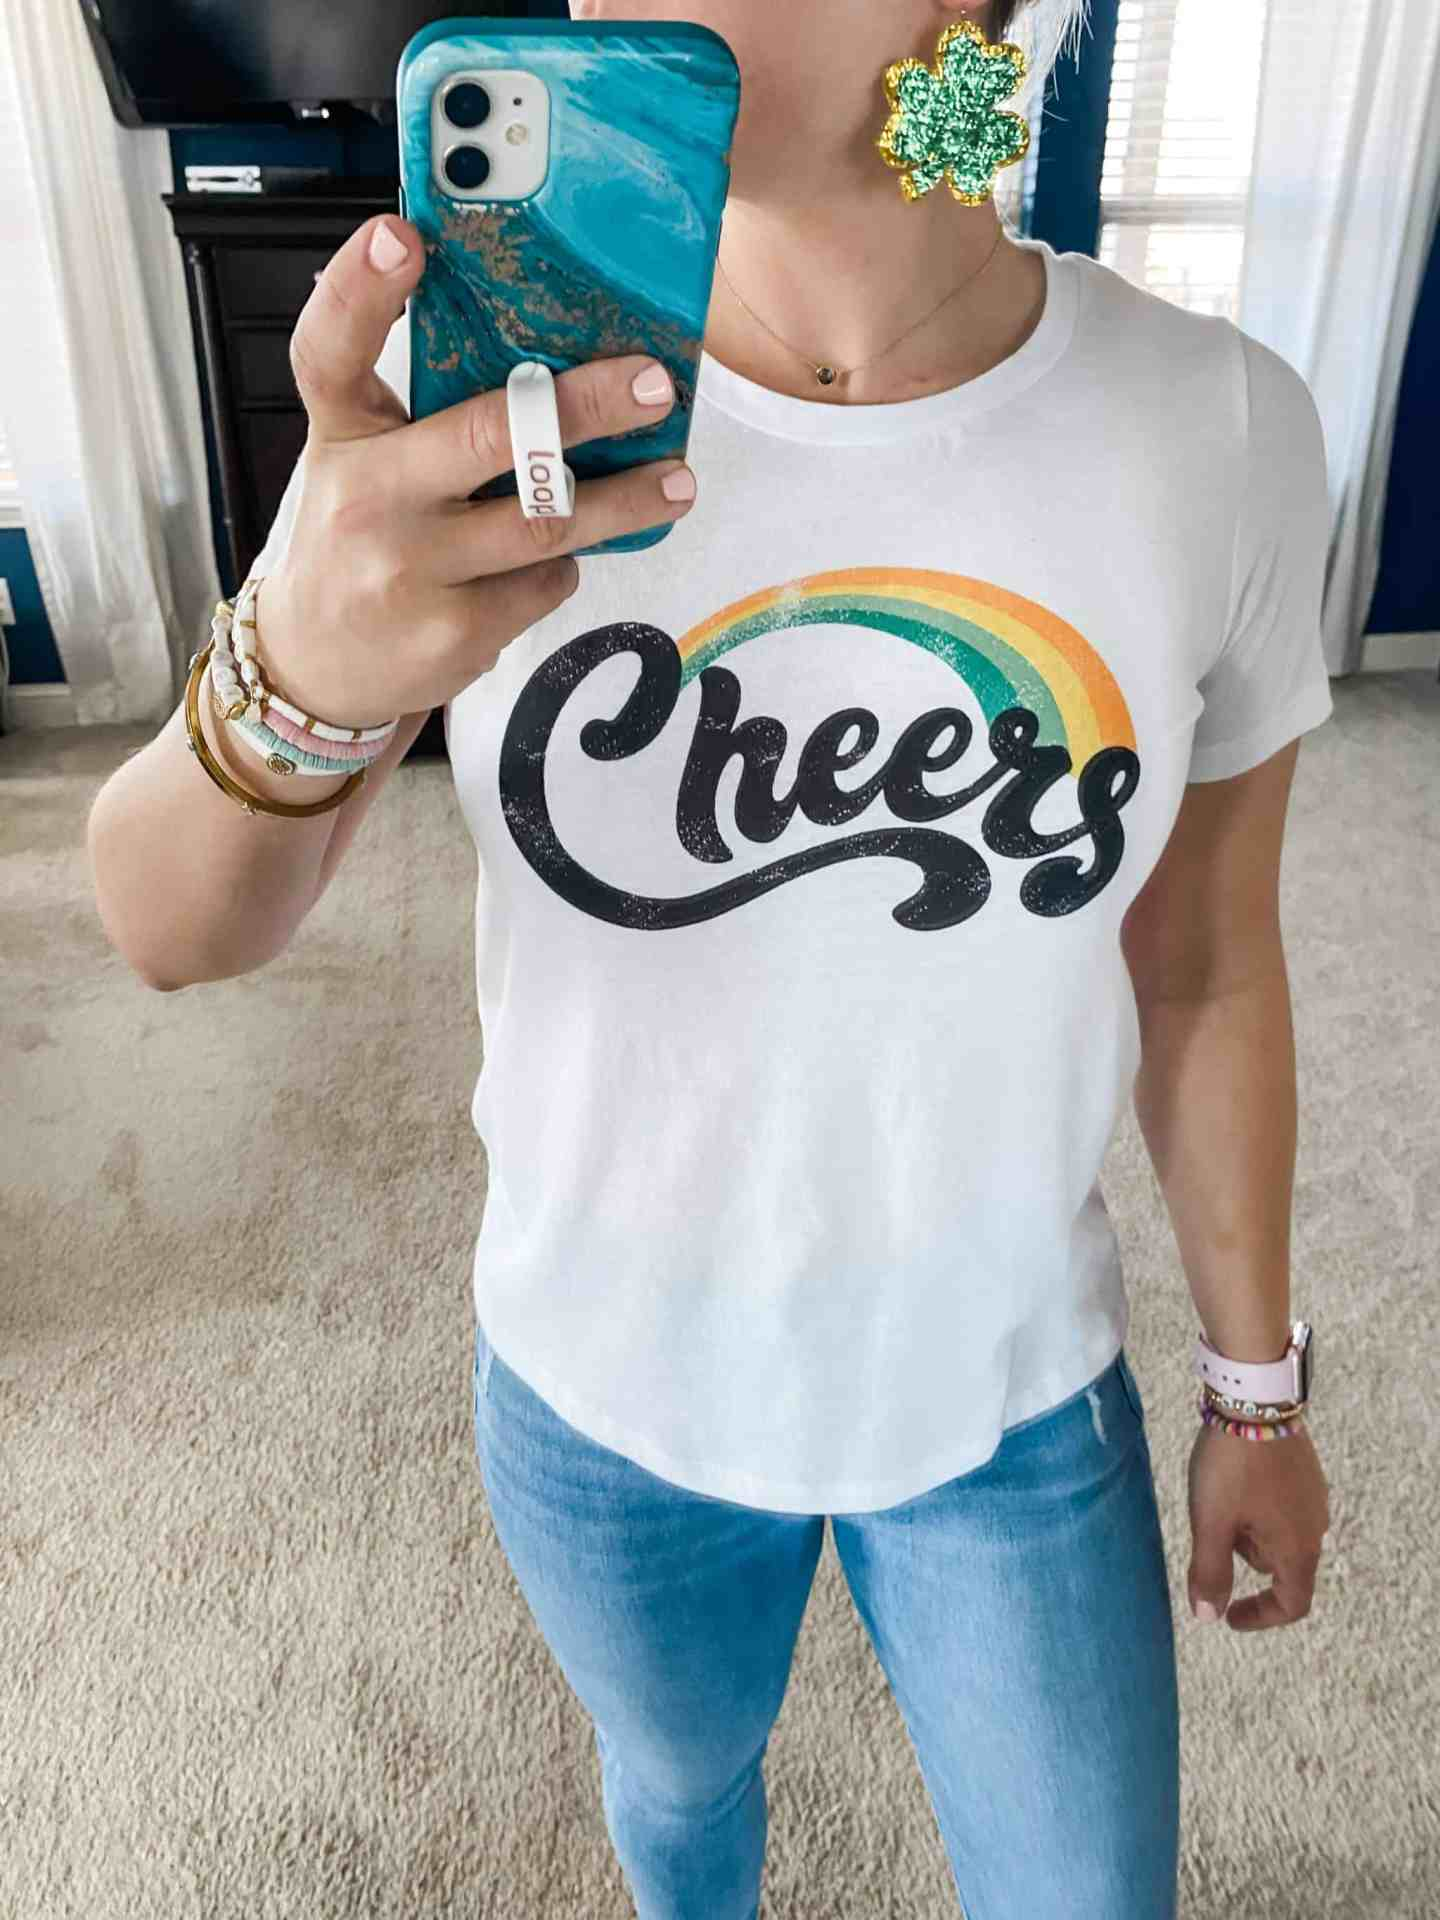 st-patricks-day-shirt